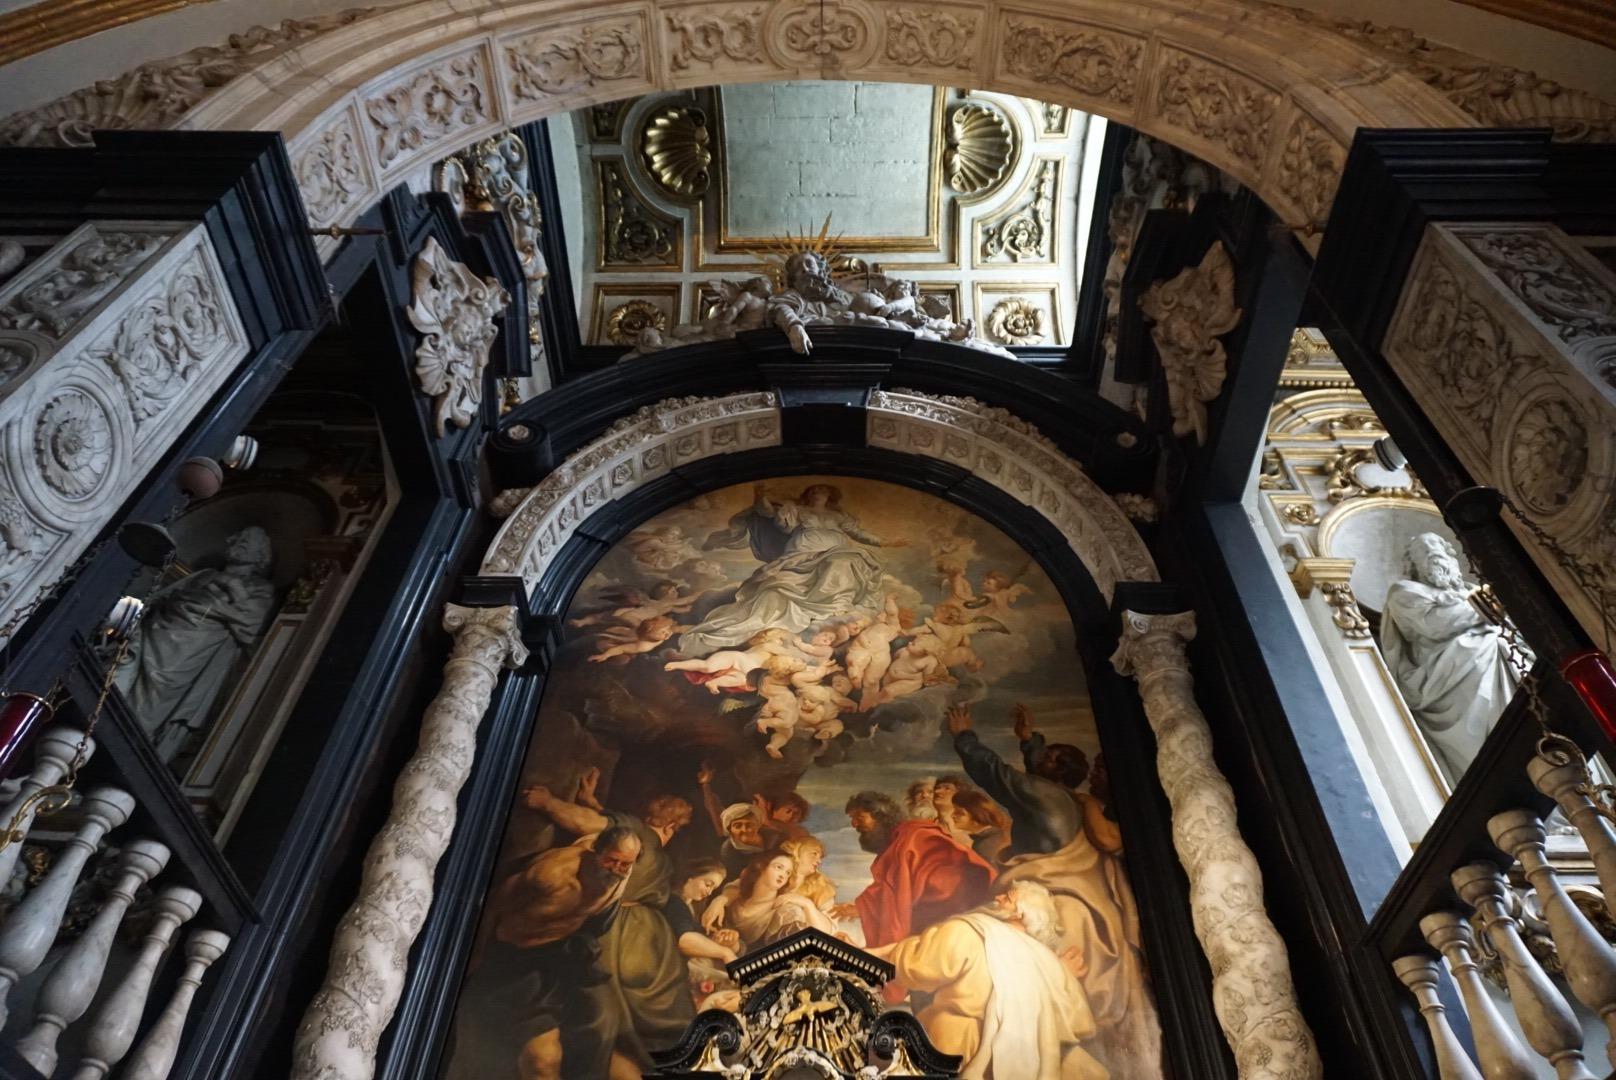 Antwerp is a city full of art